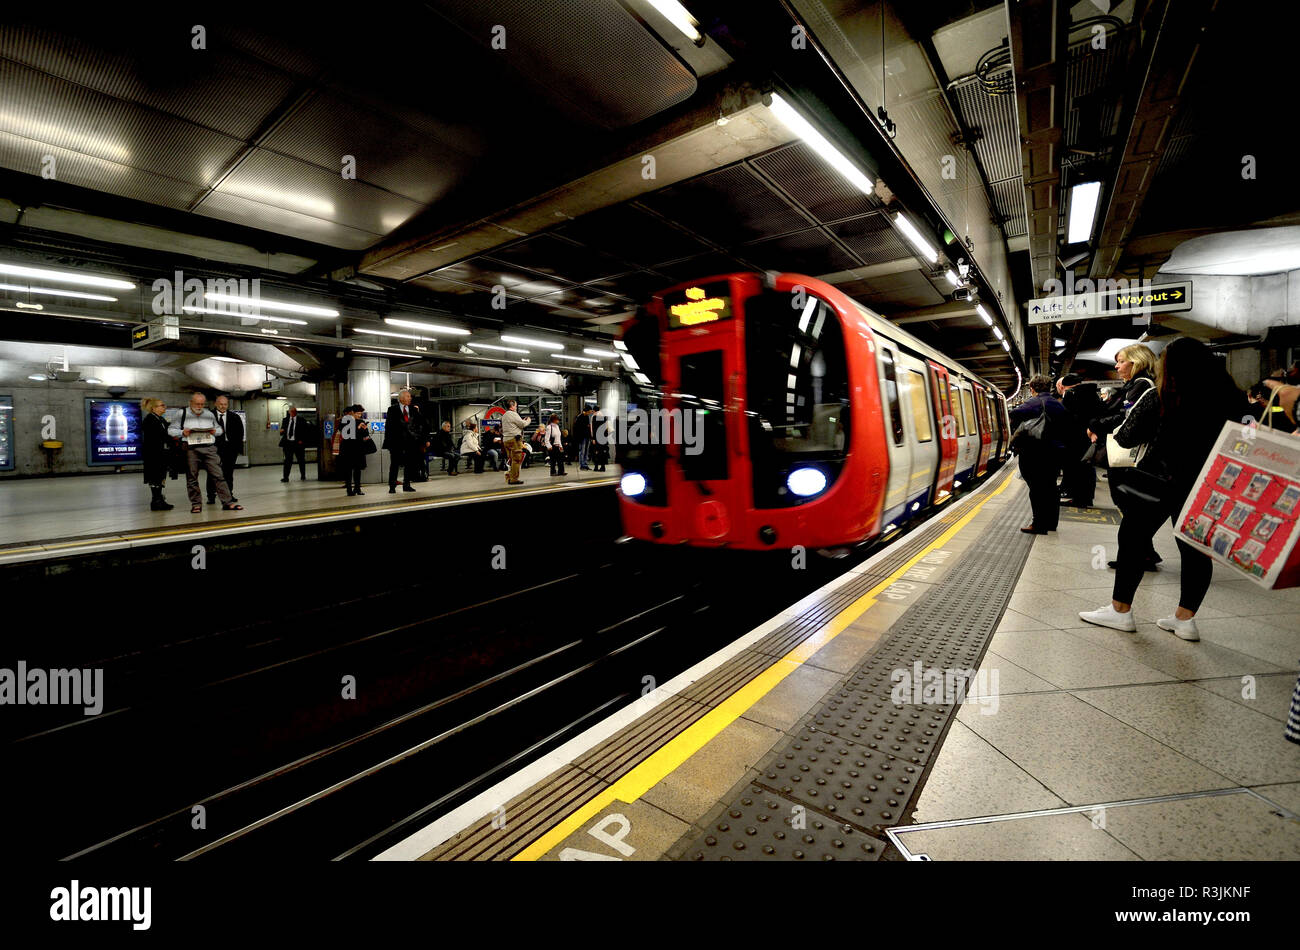 Westminster underground station, London, England, UK. - Stock Image